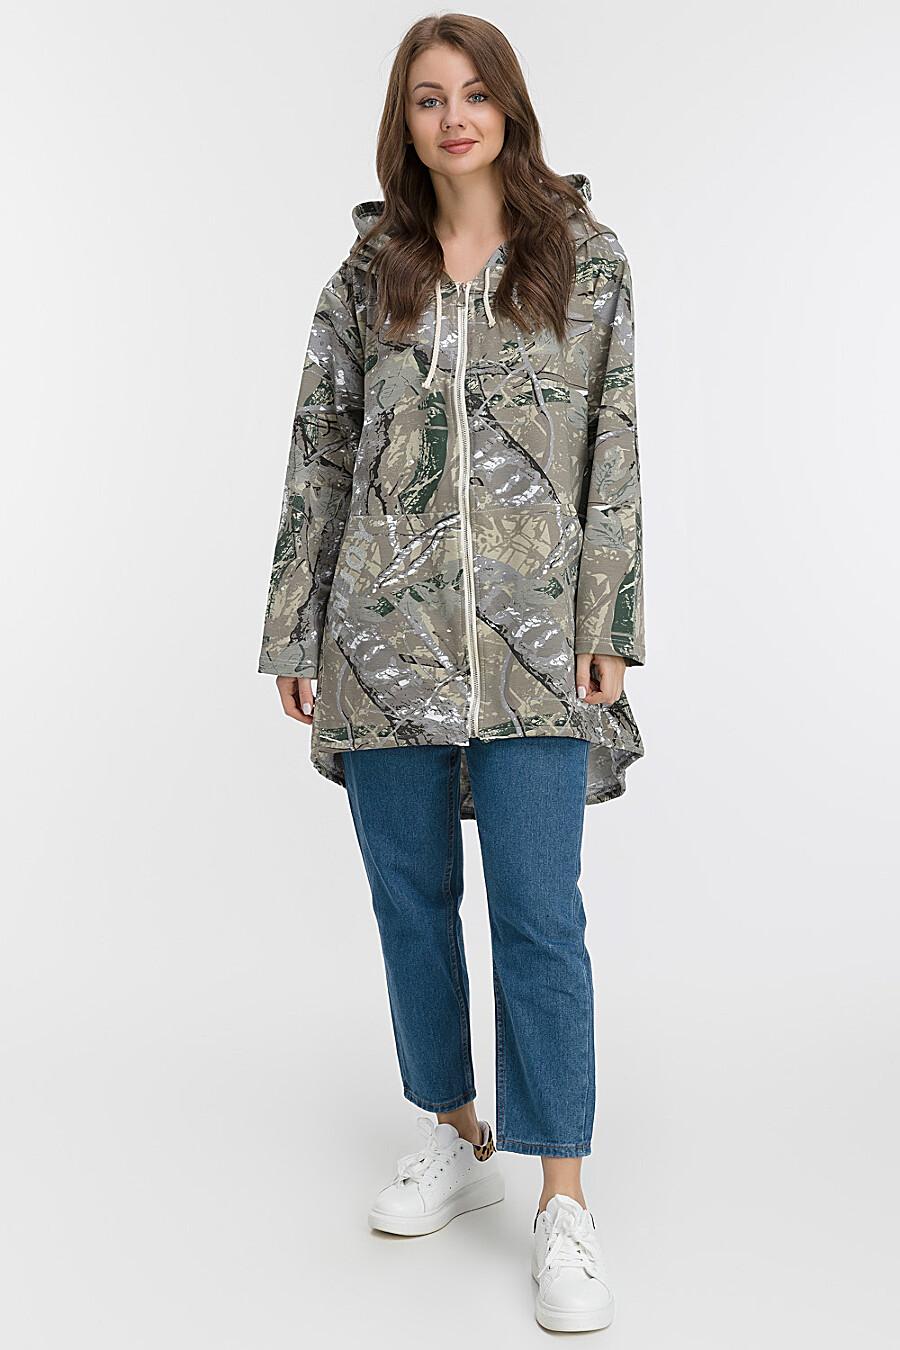 Ветровка для женщин MODALIME 169451 купить оптом от производителя. Совместная покупка женской одежды в OptMoyo